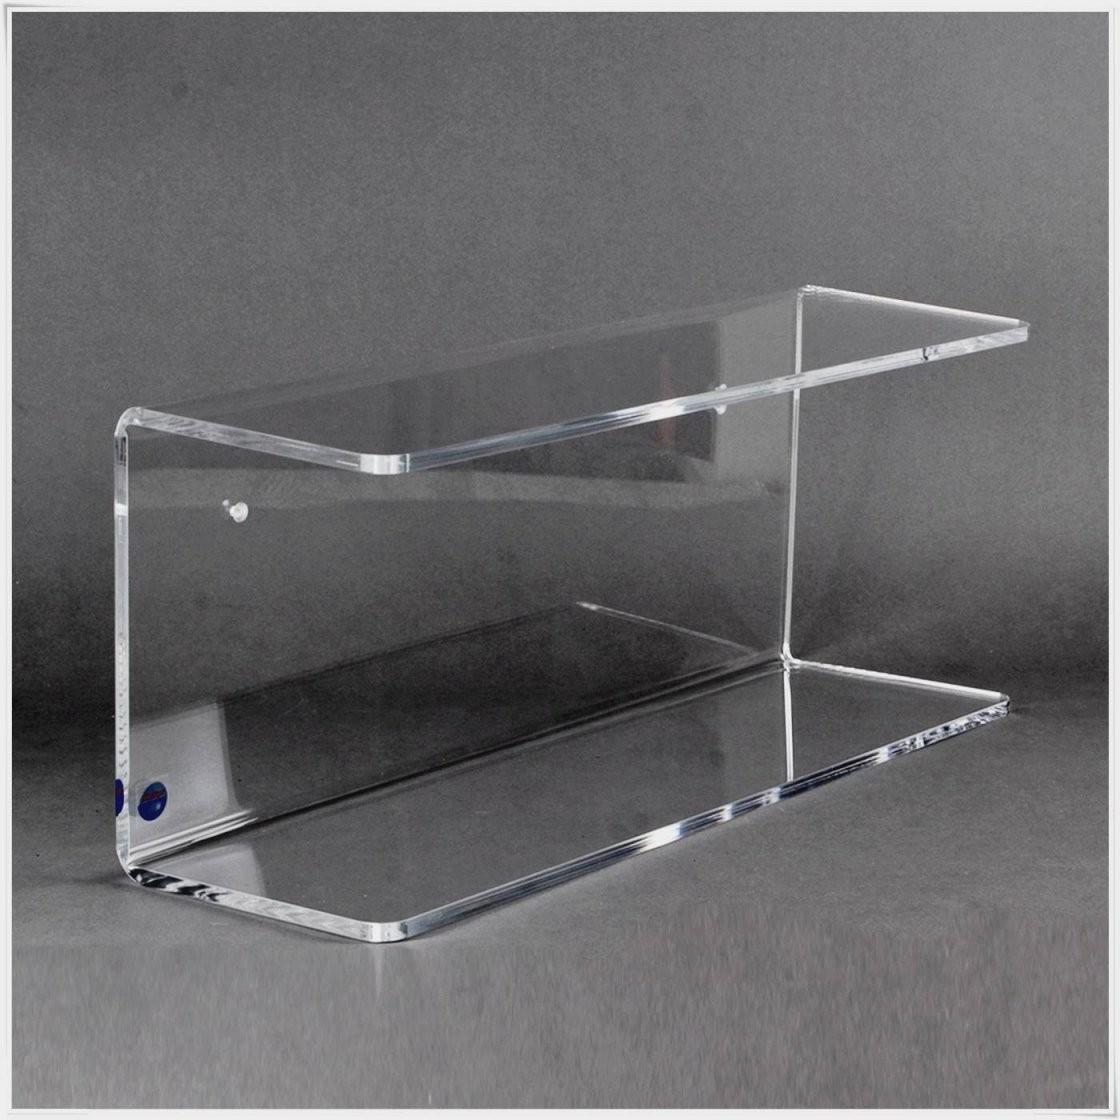 Houzzess  Kallax Ecklösung 8 Eck Bett Plexiglas Regal von Plexiglas Regal Selber Bauen Photo